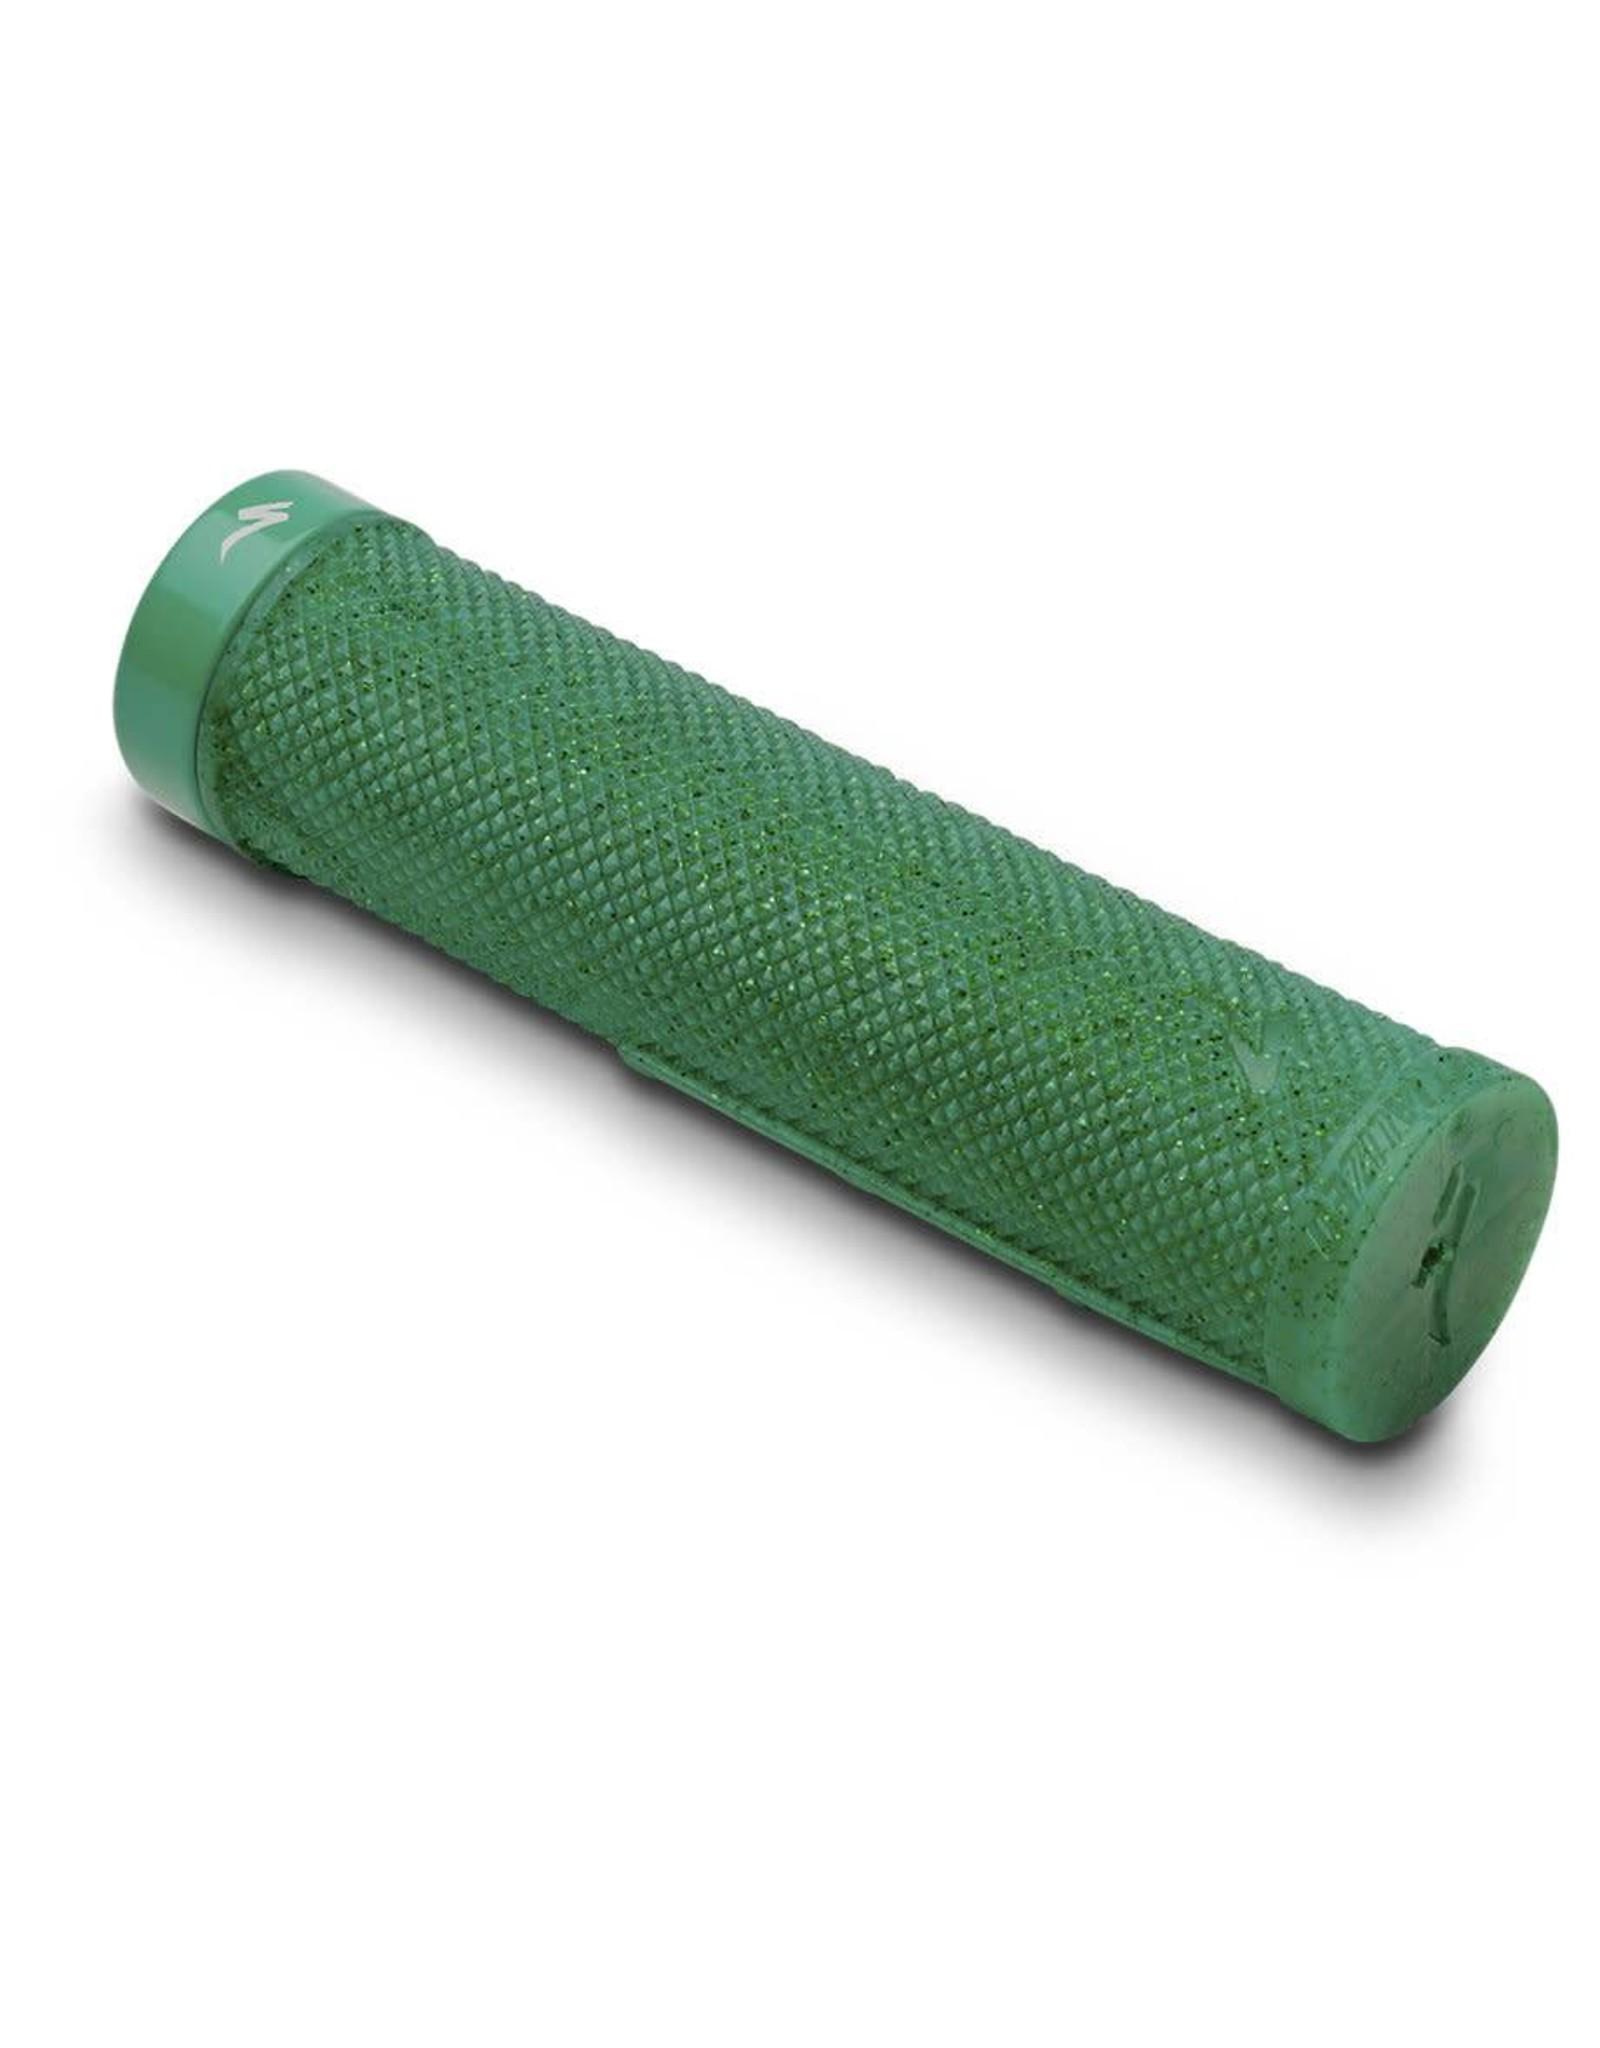 SPECIALIZED Specialized Sip Locking Grip - Acid Mint Flake